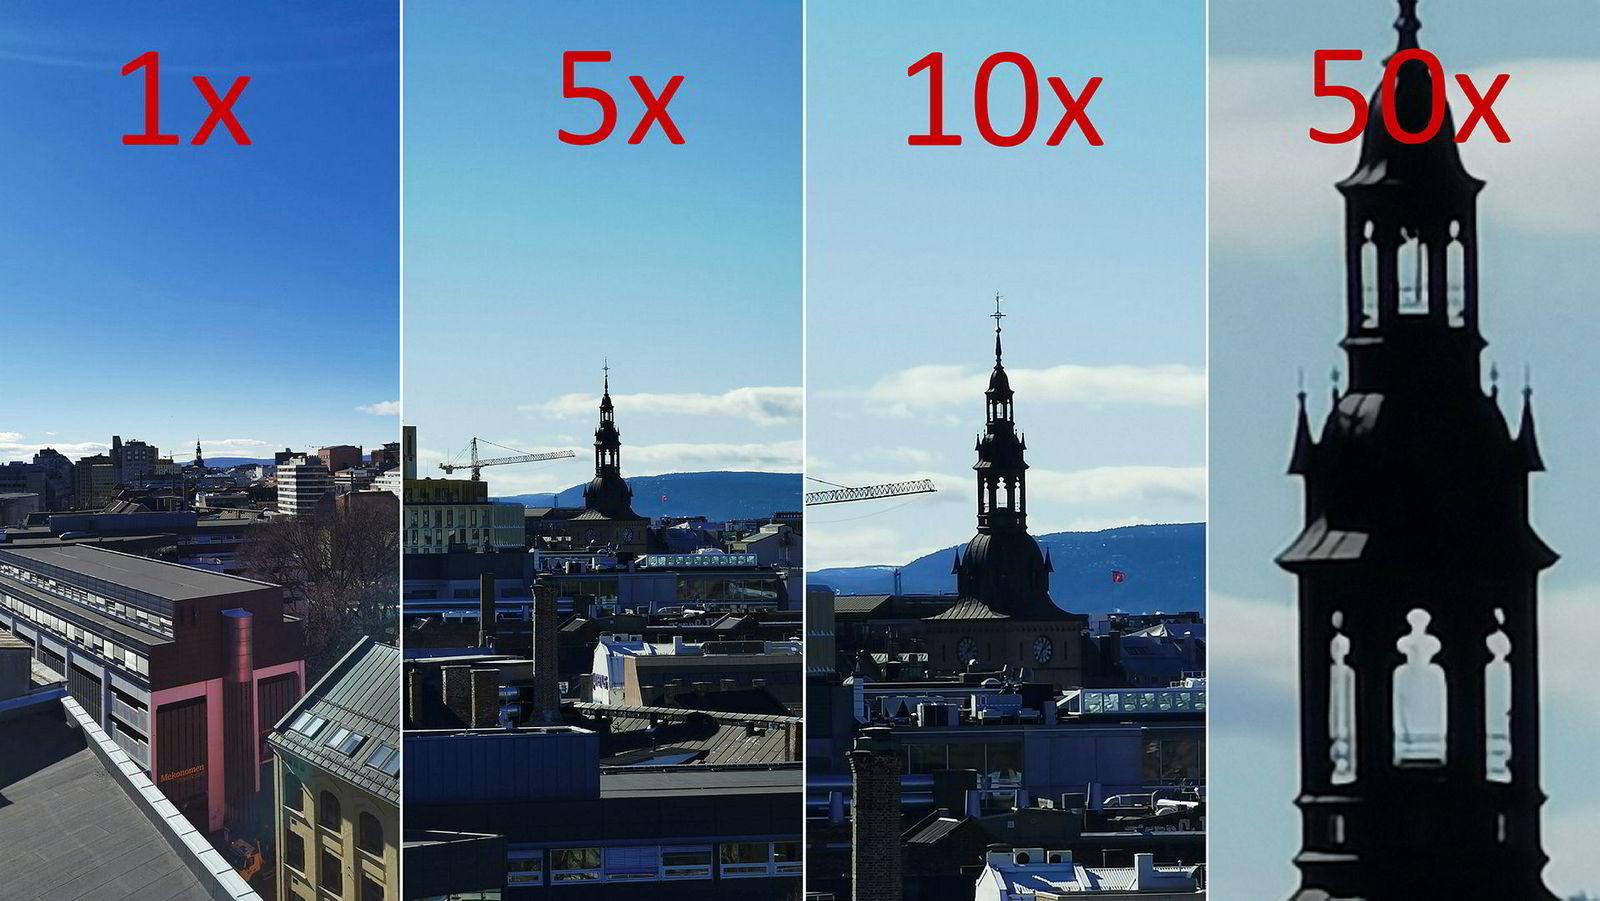 Slik blir billedkvaliteten Huawei P30 Pro presterer i motlys med ulike zoom-steg. 1x og 5x er ren optisk zoom, 10x er en hybrid av optisk og digital zoom og 50x er ren digital zoom.